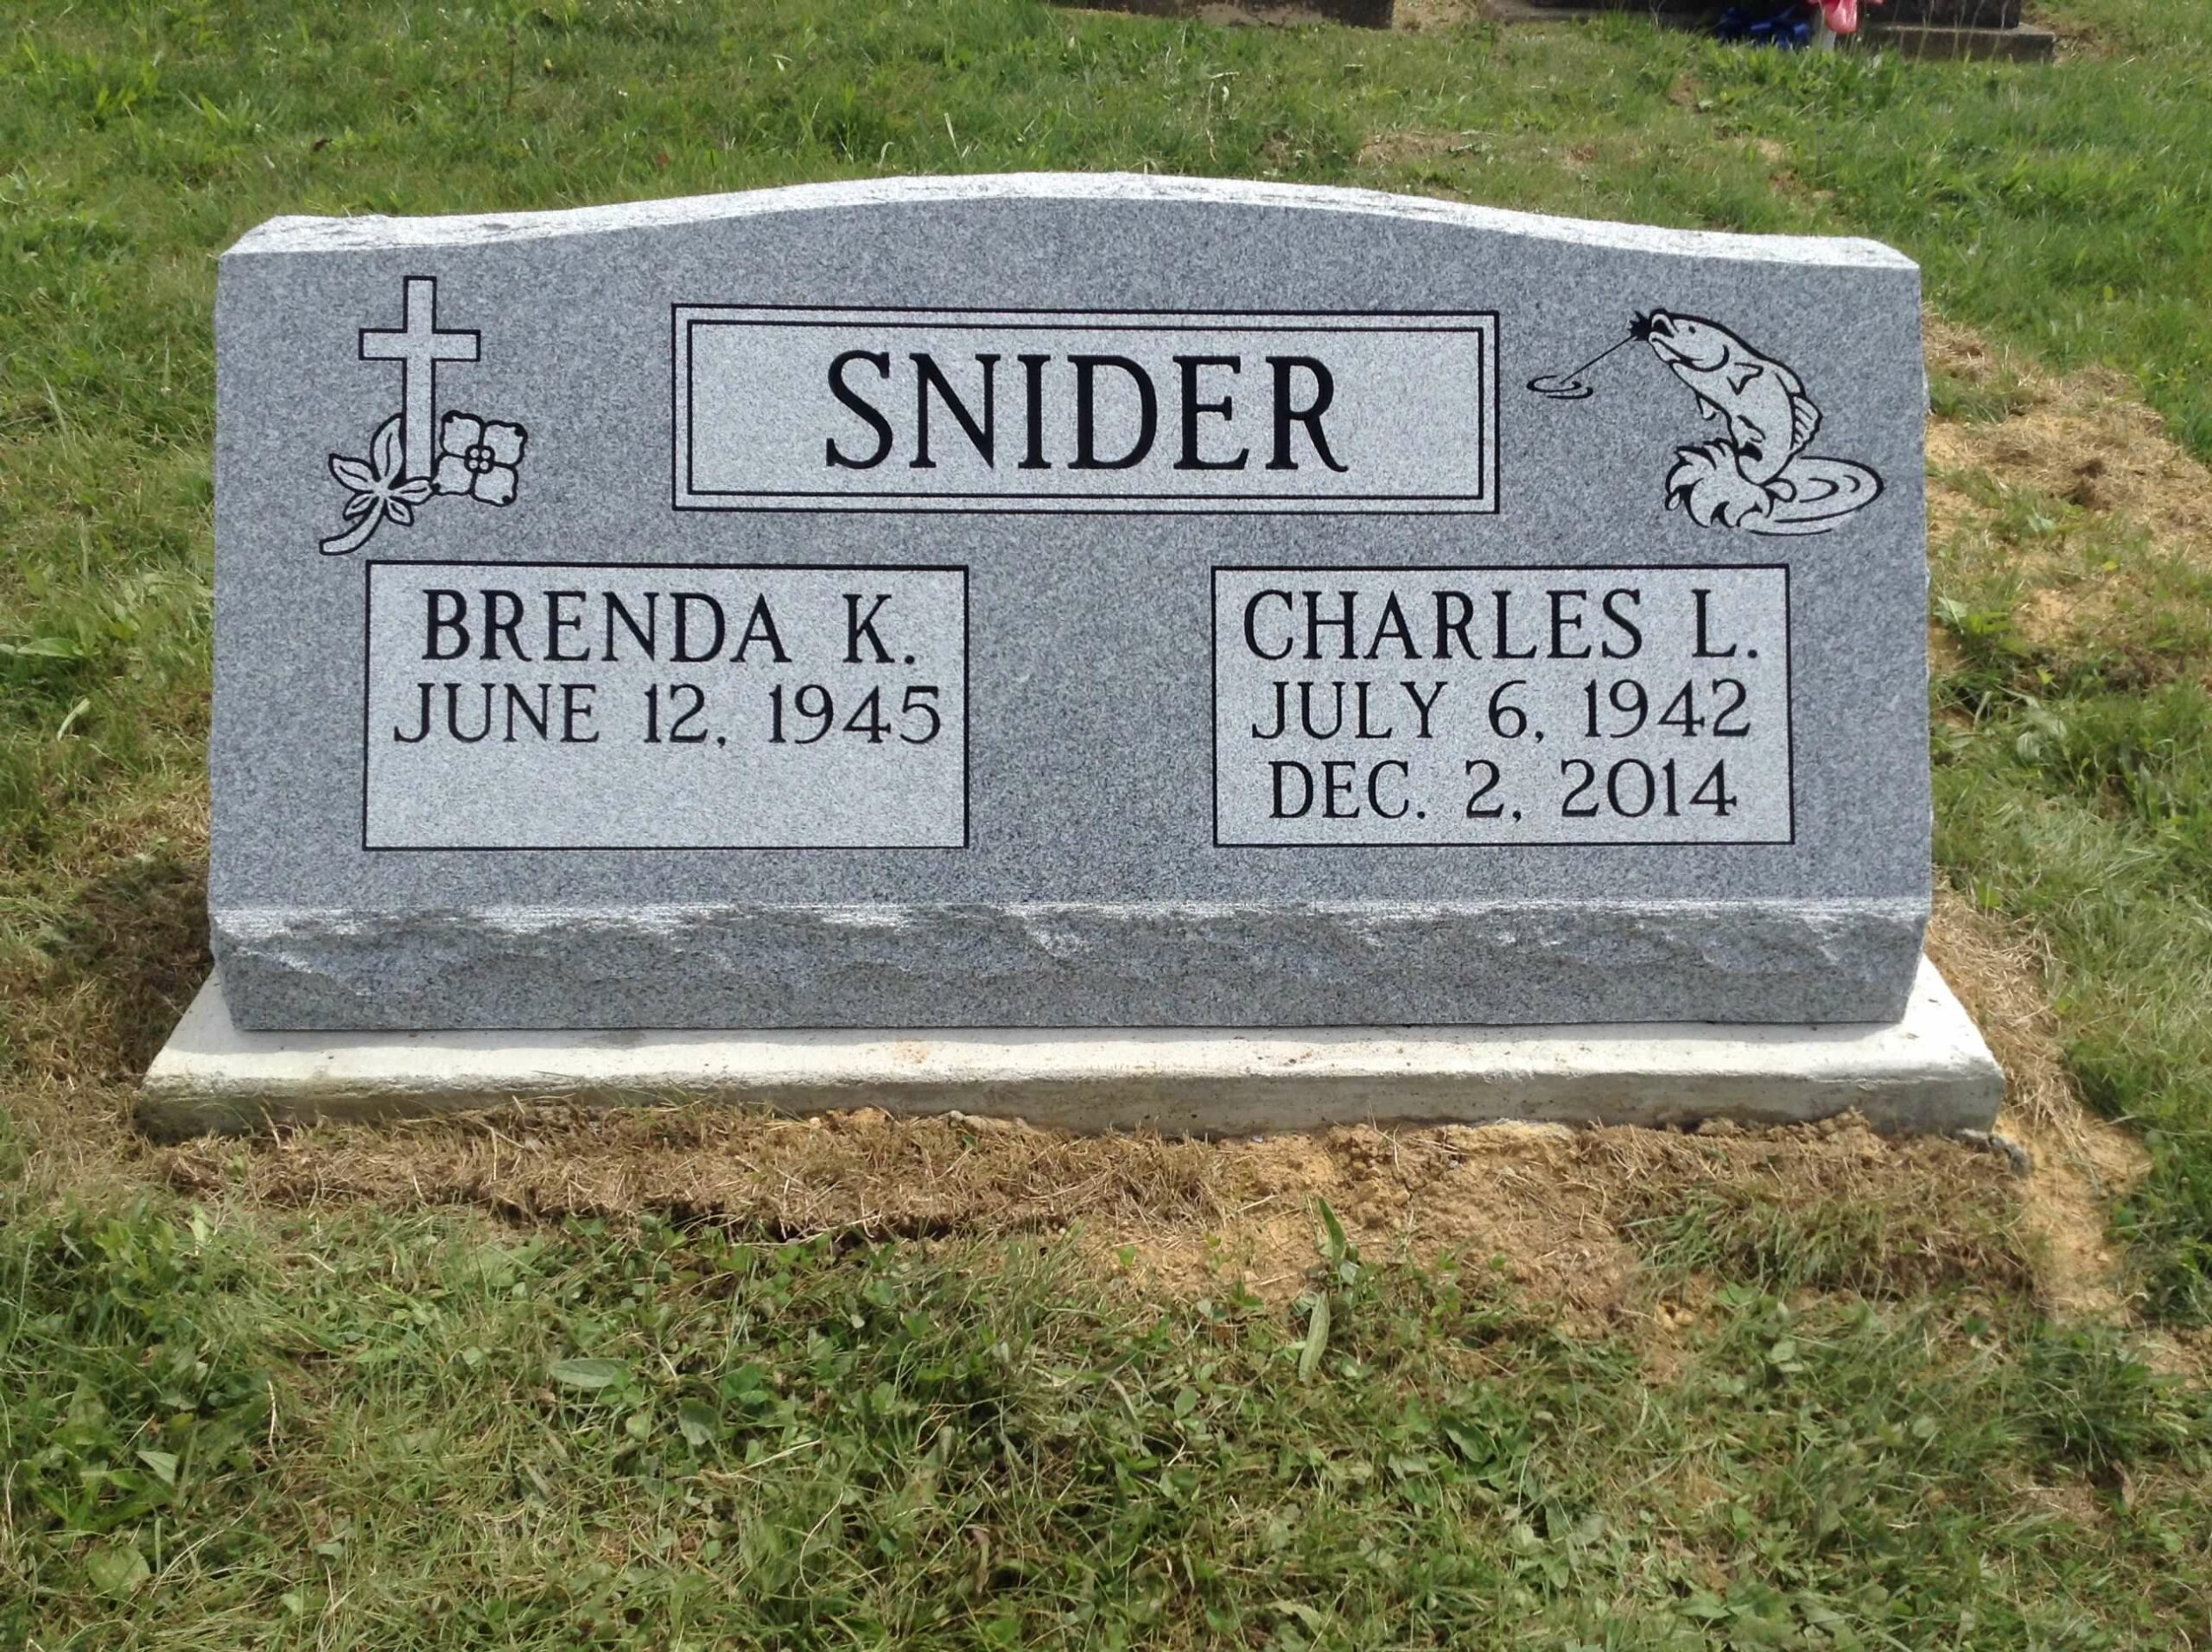 Snider, Charles